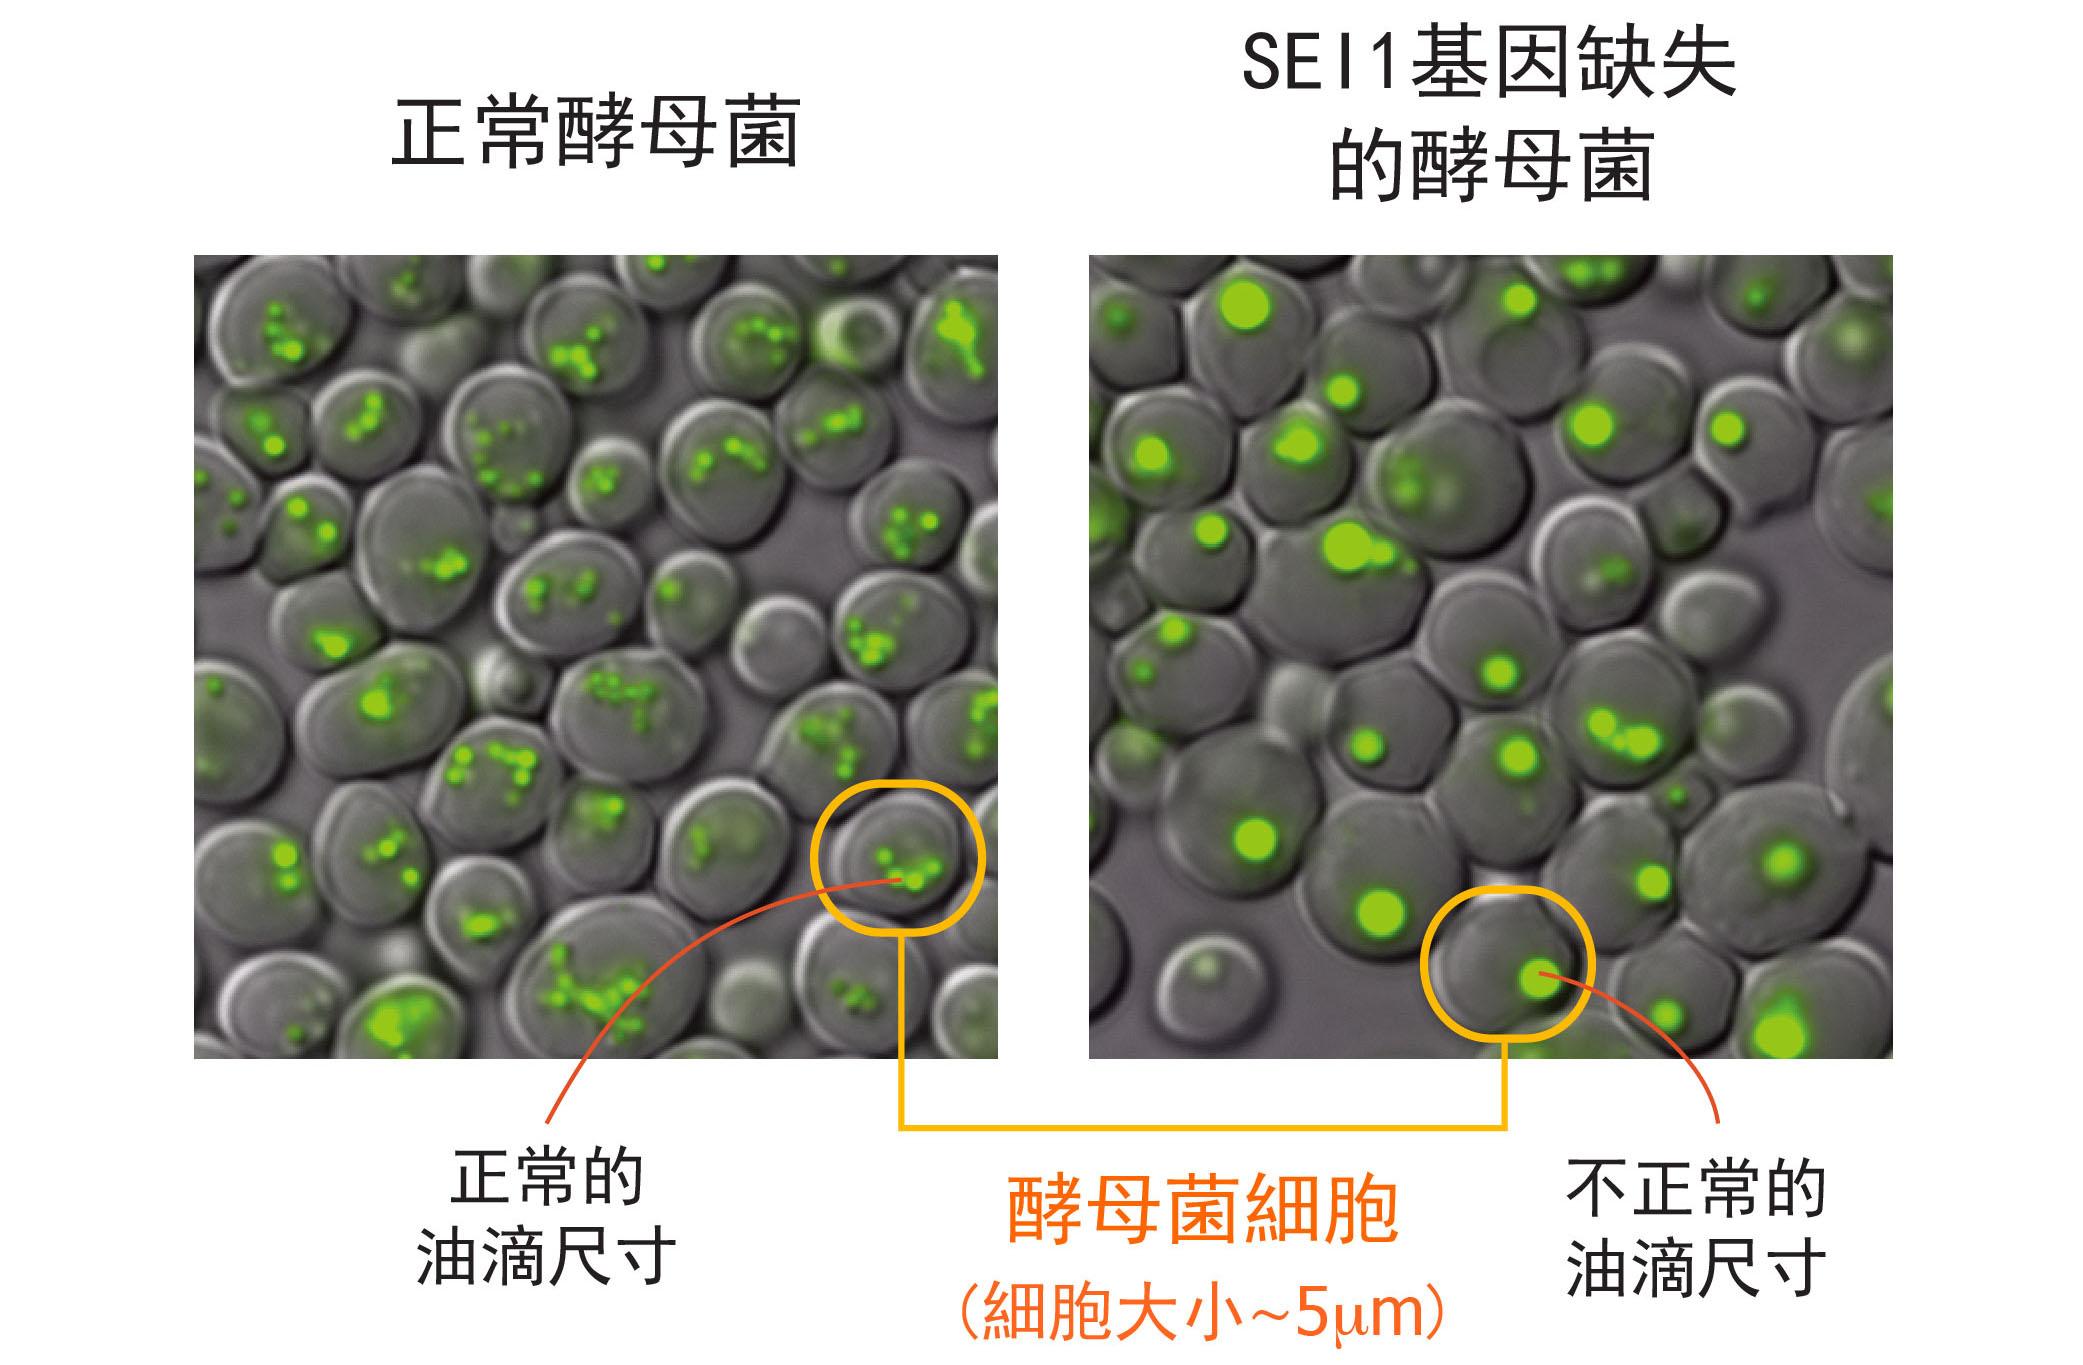 左圖為正常酵母菌細胞,右圖為酵母菌單一基因 SEI1 的突變株,右圖明顯可見:細胞中綠色部分標示的油滴尺寸變大、且數量變少。圖│王昭雯